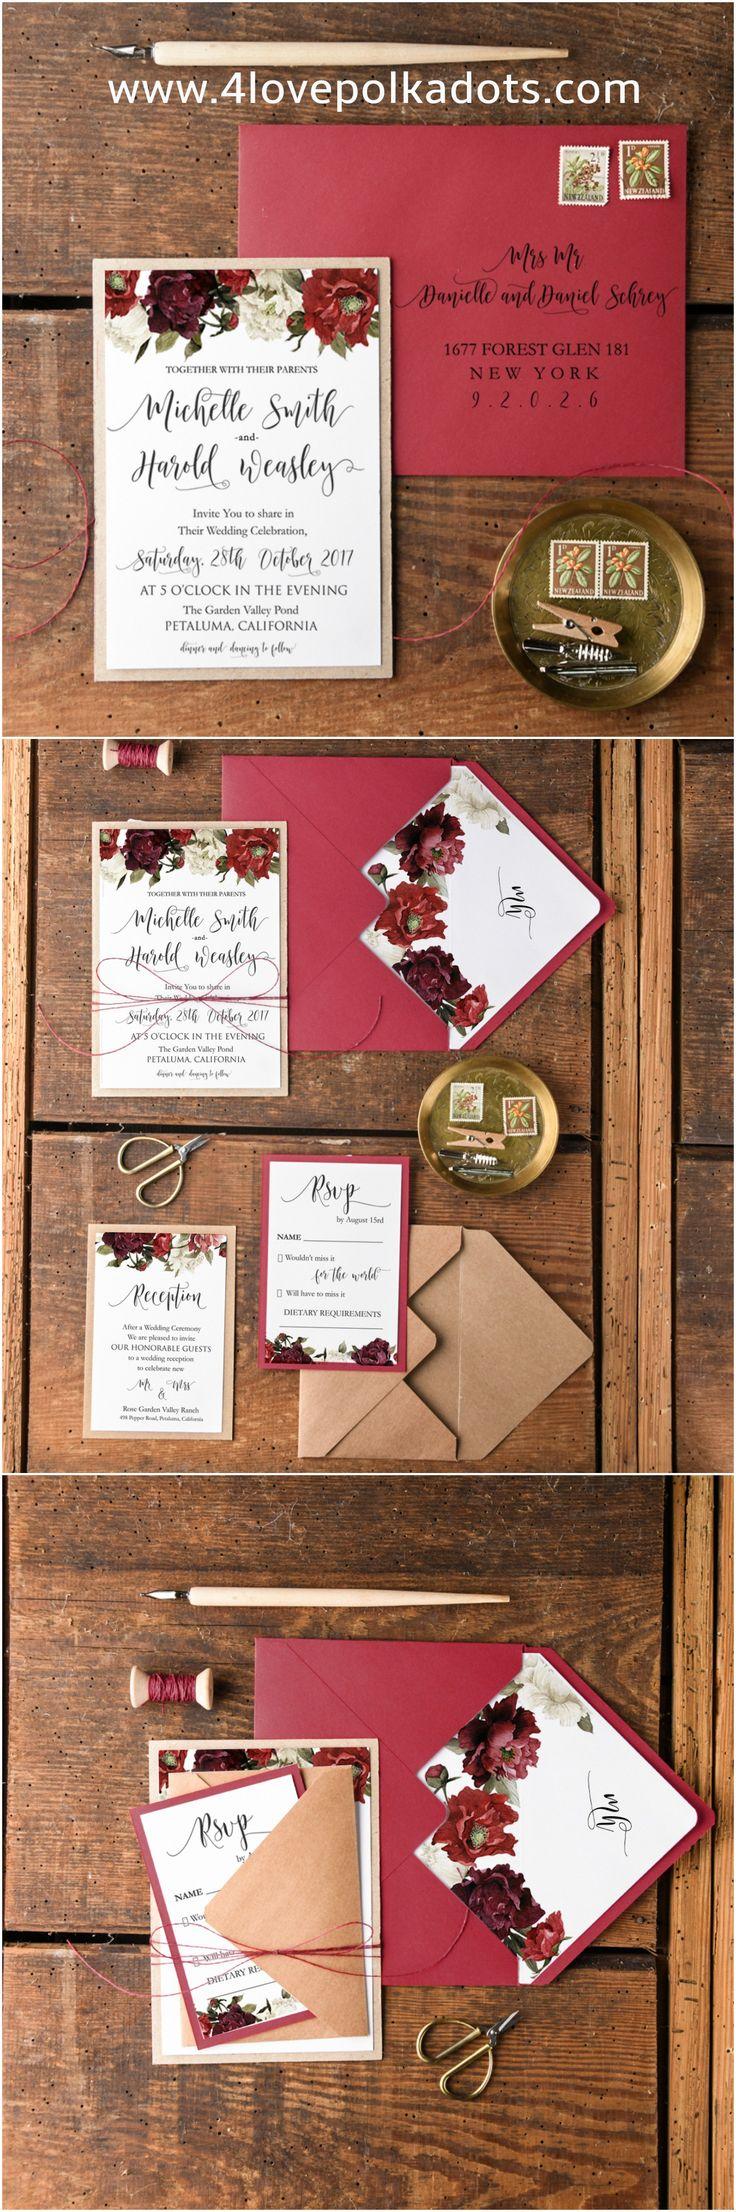 Marsala wedding invitations #4lovepolkadots #weddinginvitations #invitations…